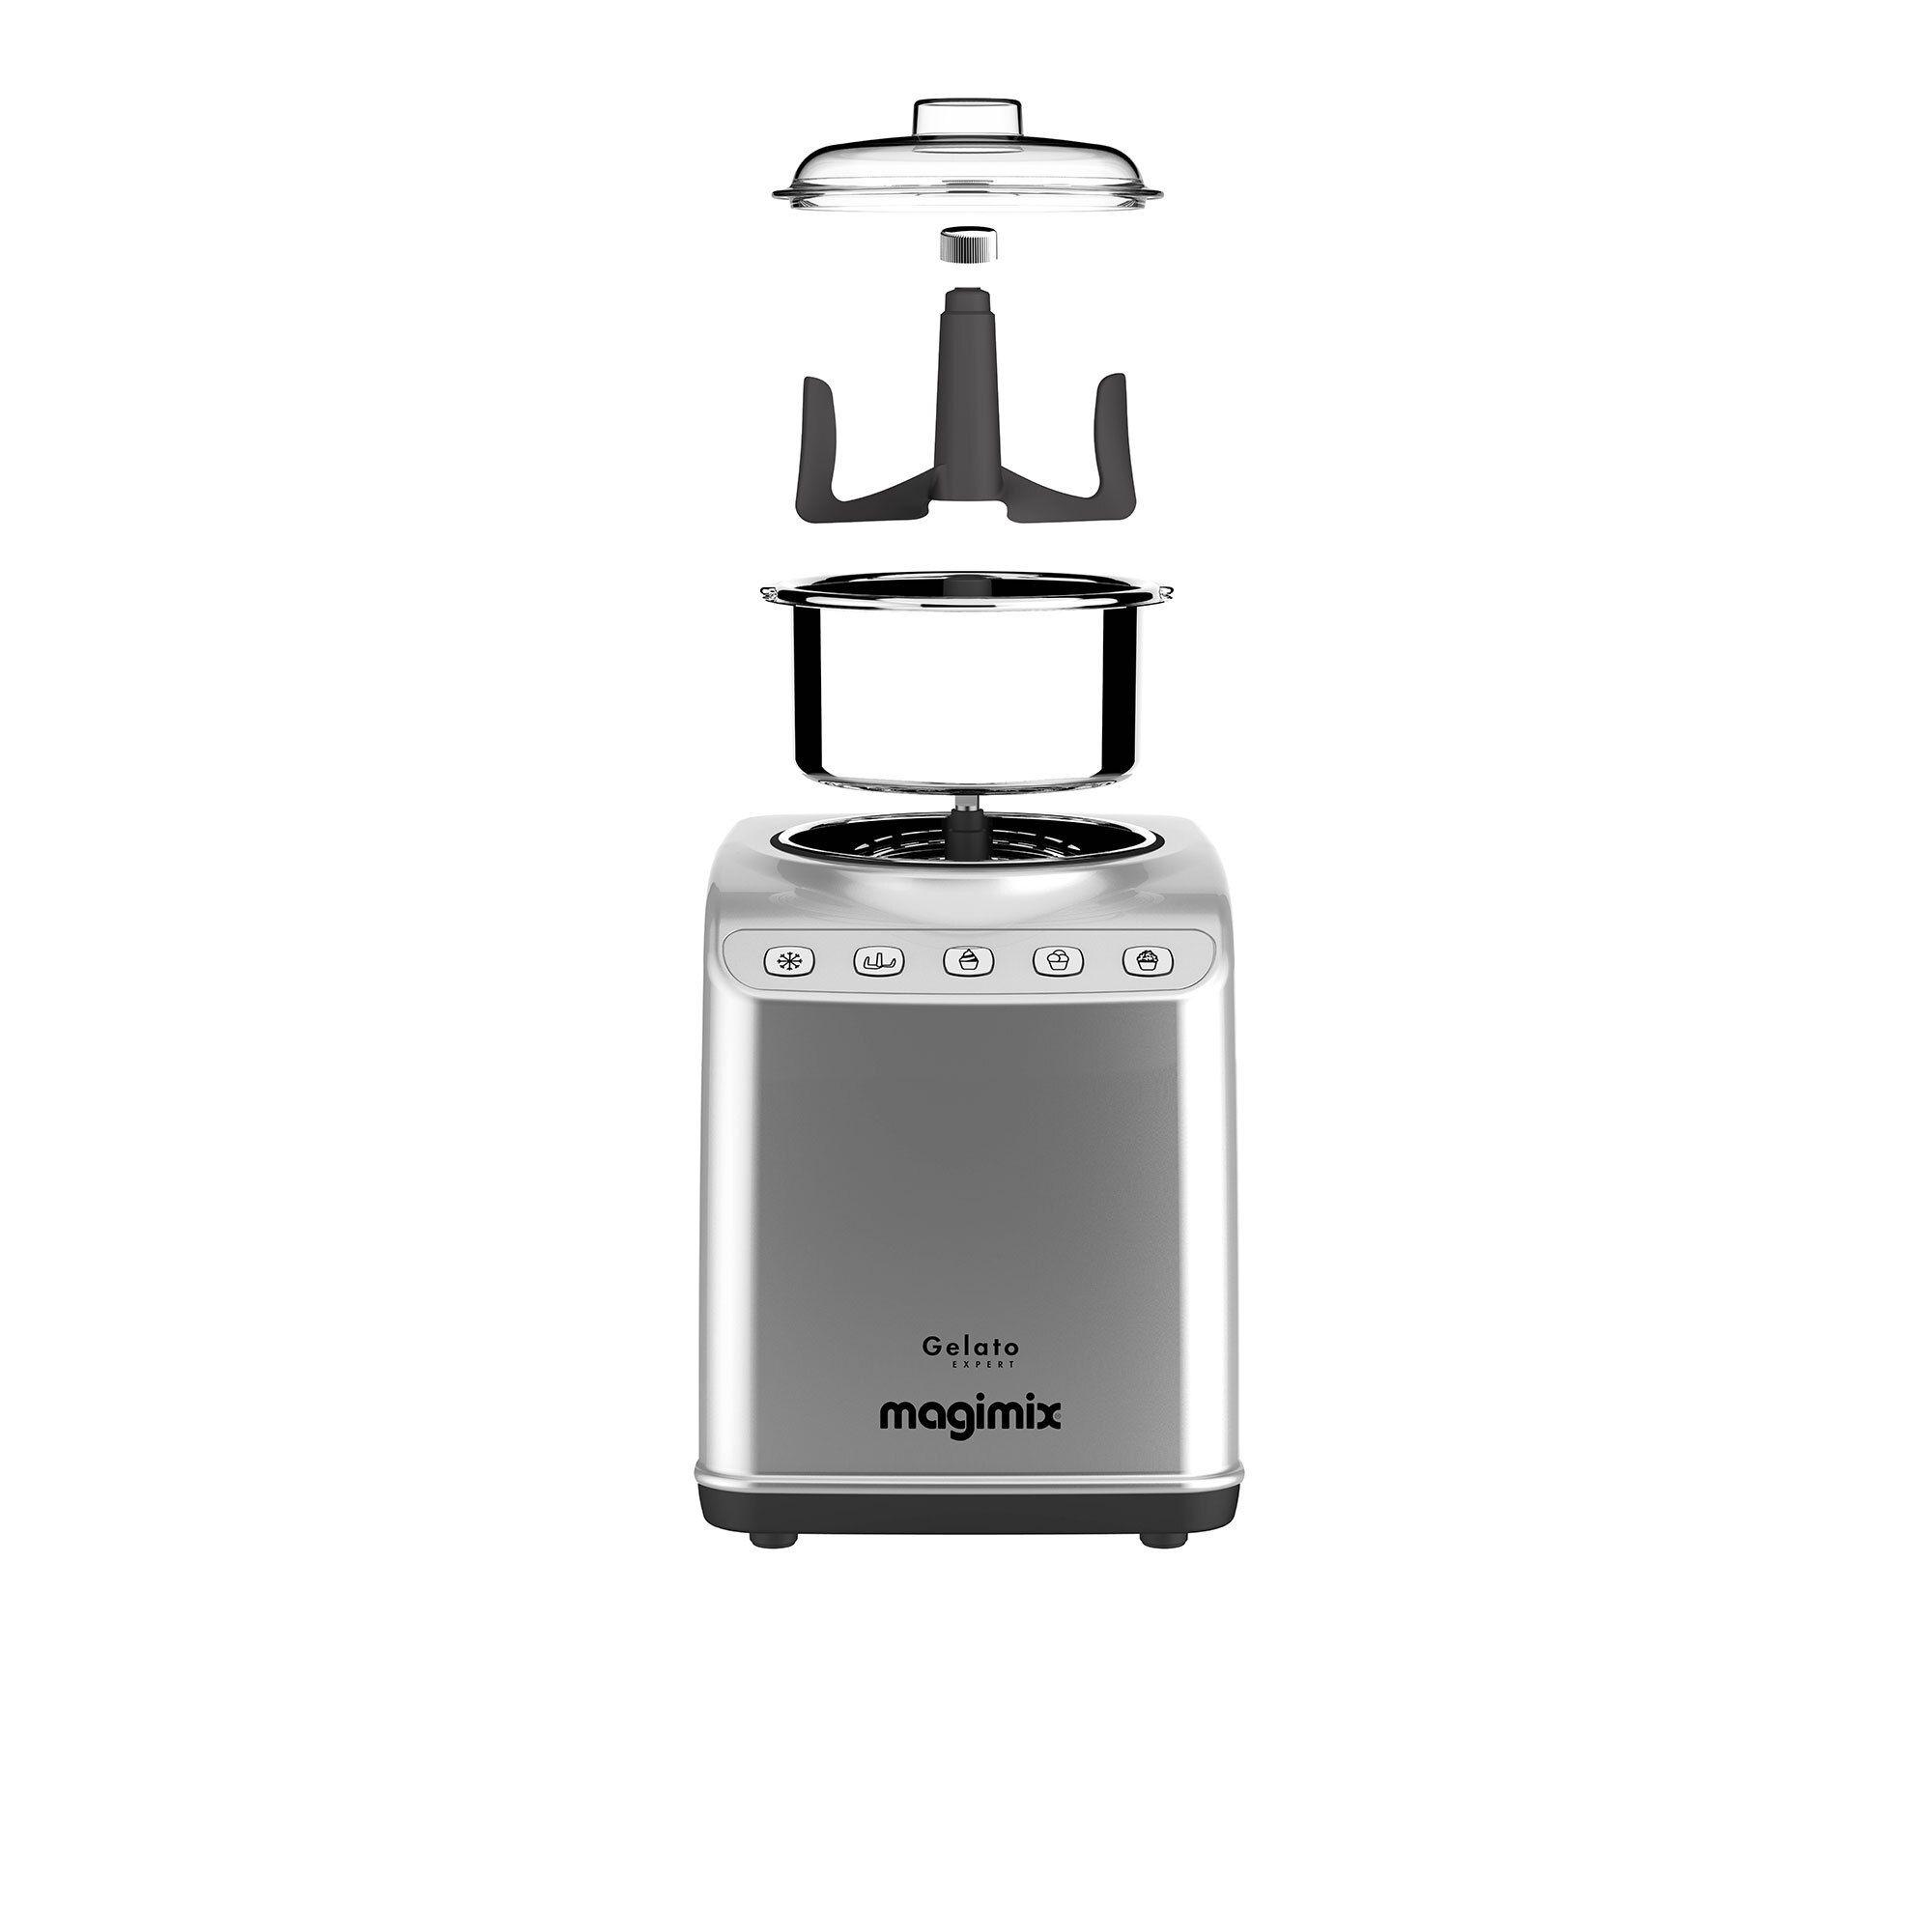 Image of Gelato Expert, macchina per gelato